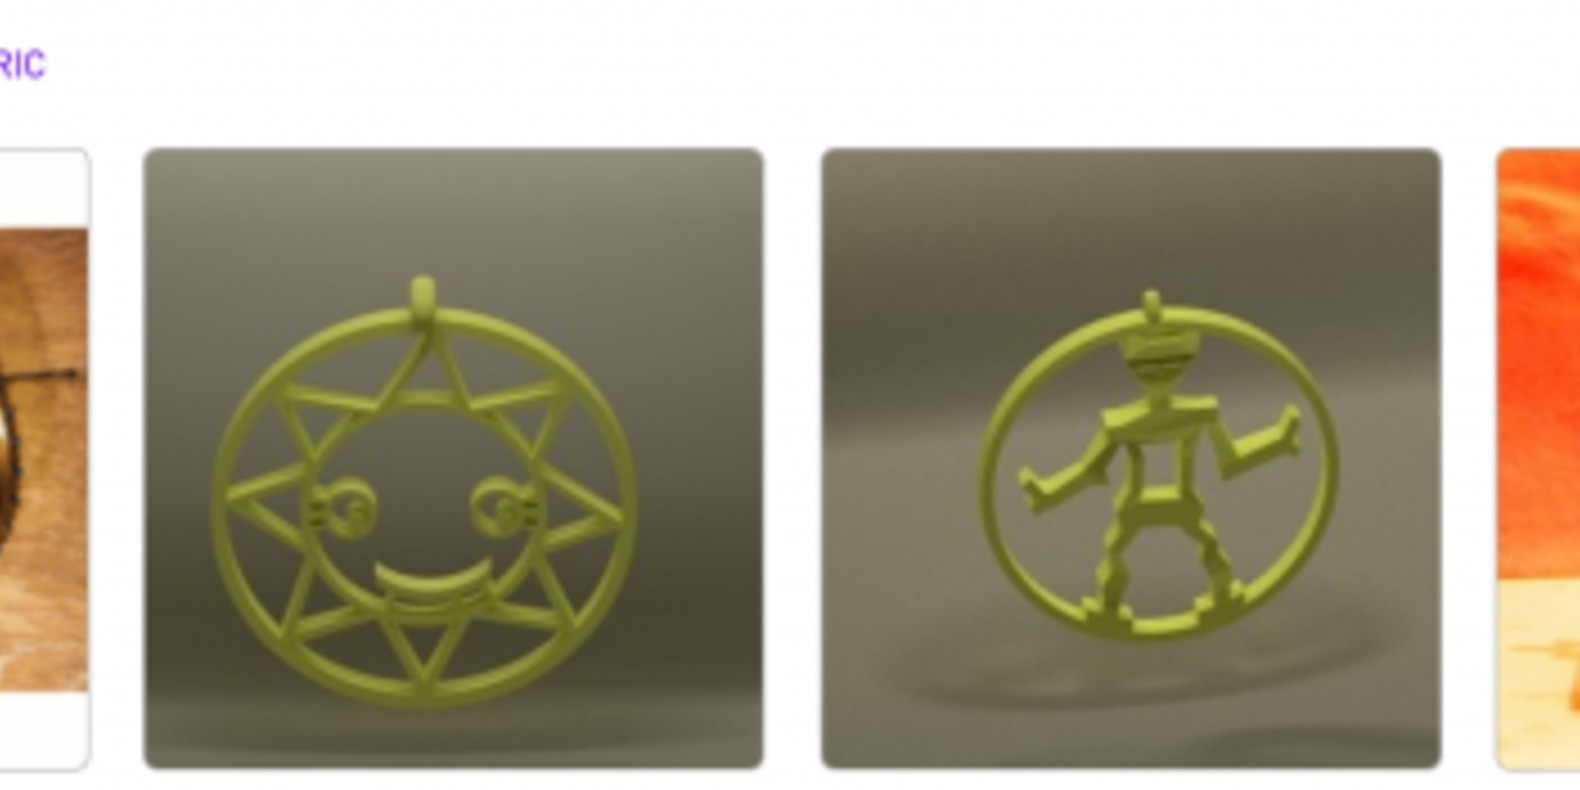 http://fichier3d.fr/wp-content/uploads/2017/01/Jean-Fabric-fichier-3D-modèle-3D-impression-3D-imprimante-3D-3D-printing-3D-model-3D-file-Design-Design-3D9.png